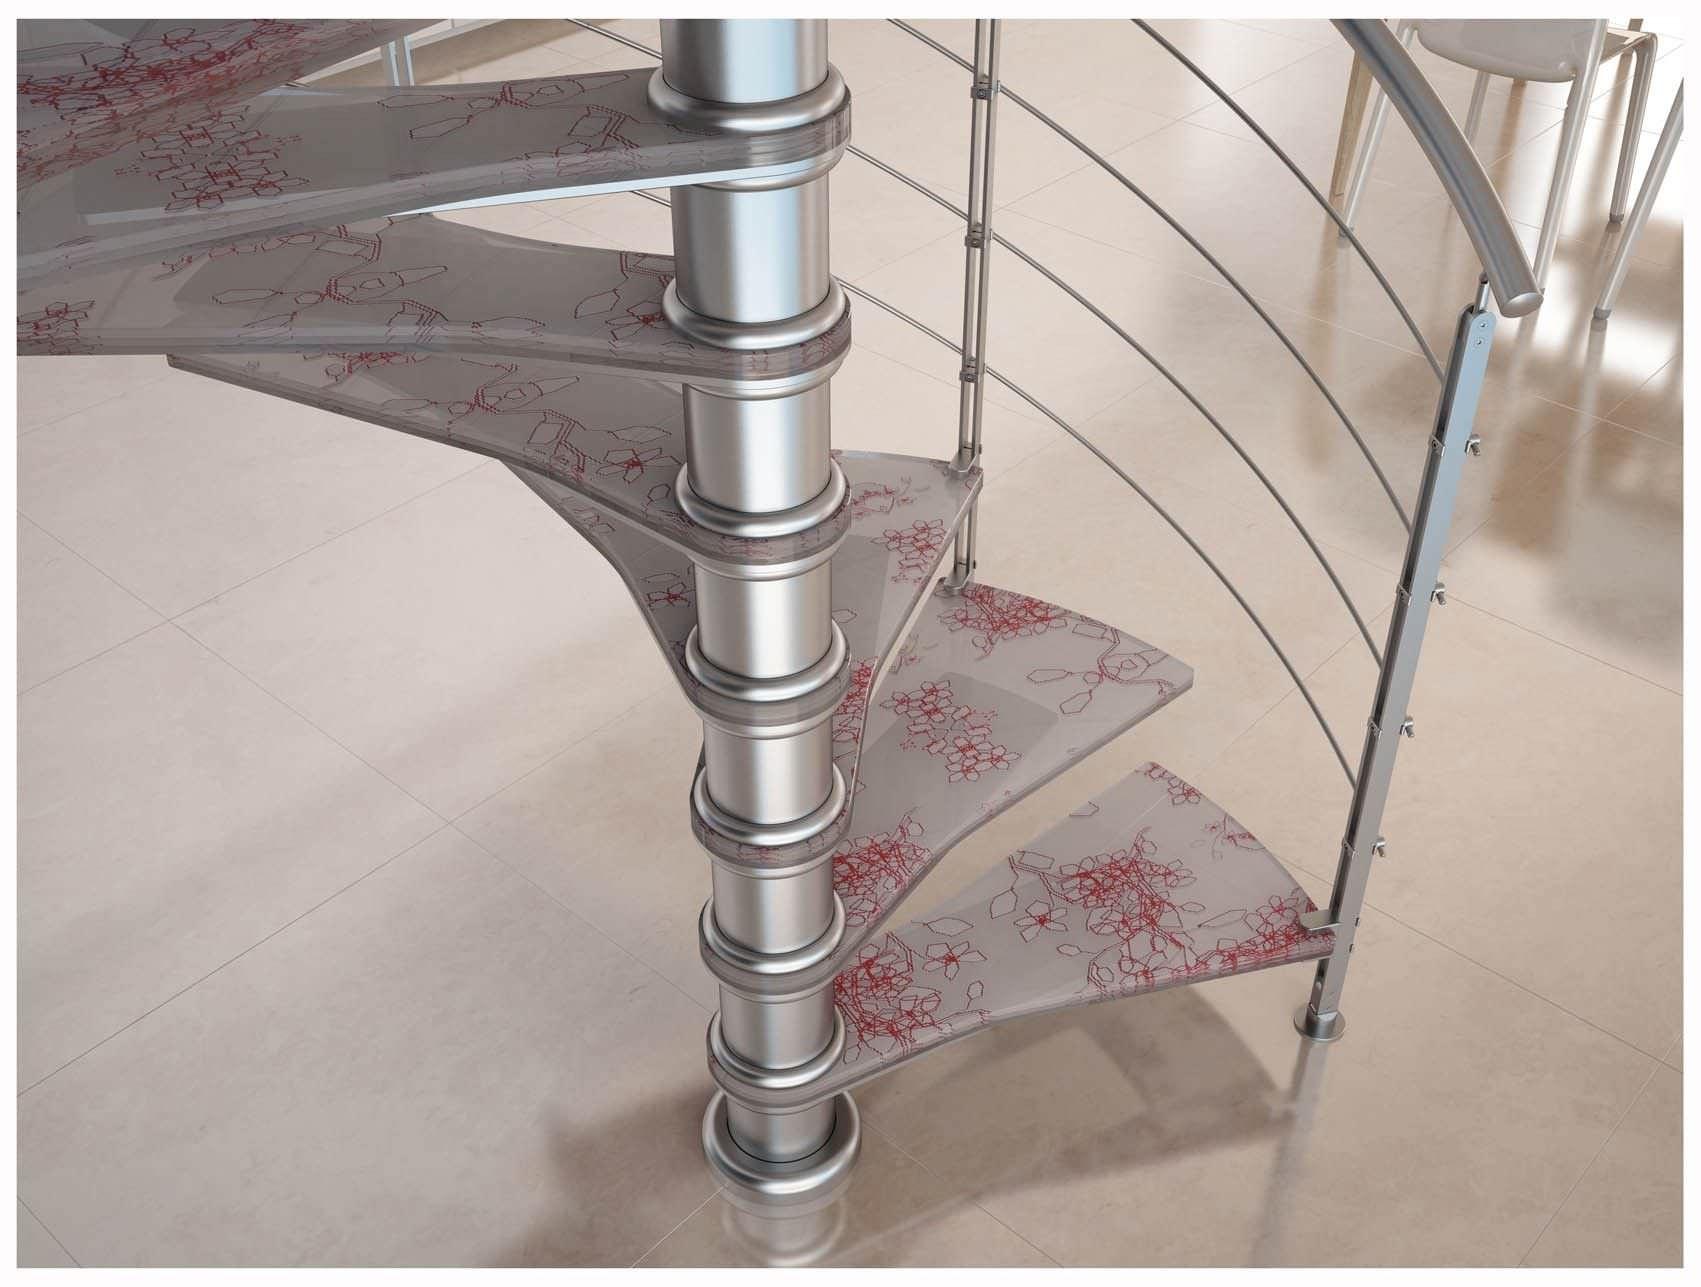 escalera de caracol con peldaos de vidrio estructura de acero inoxidable sin ice blue deko